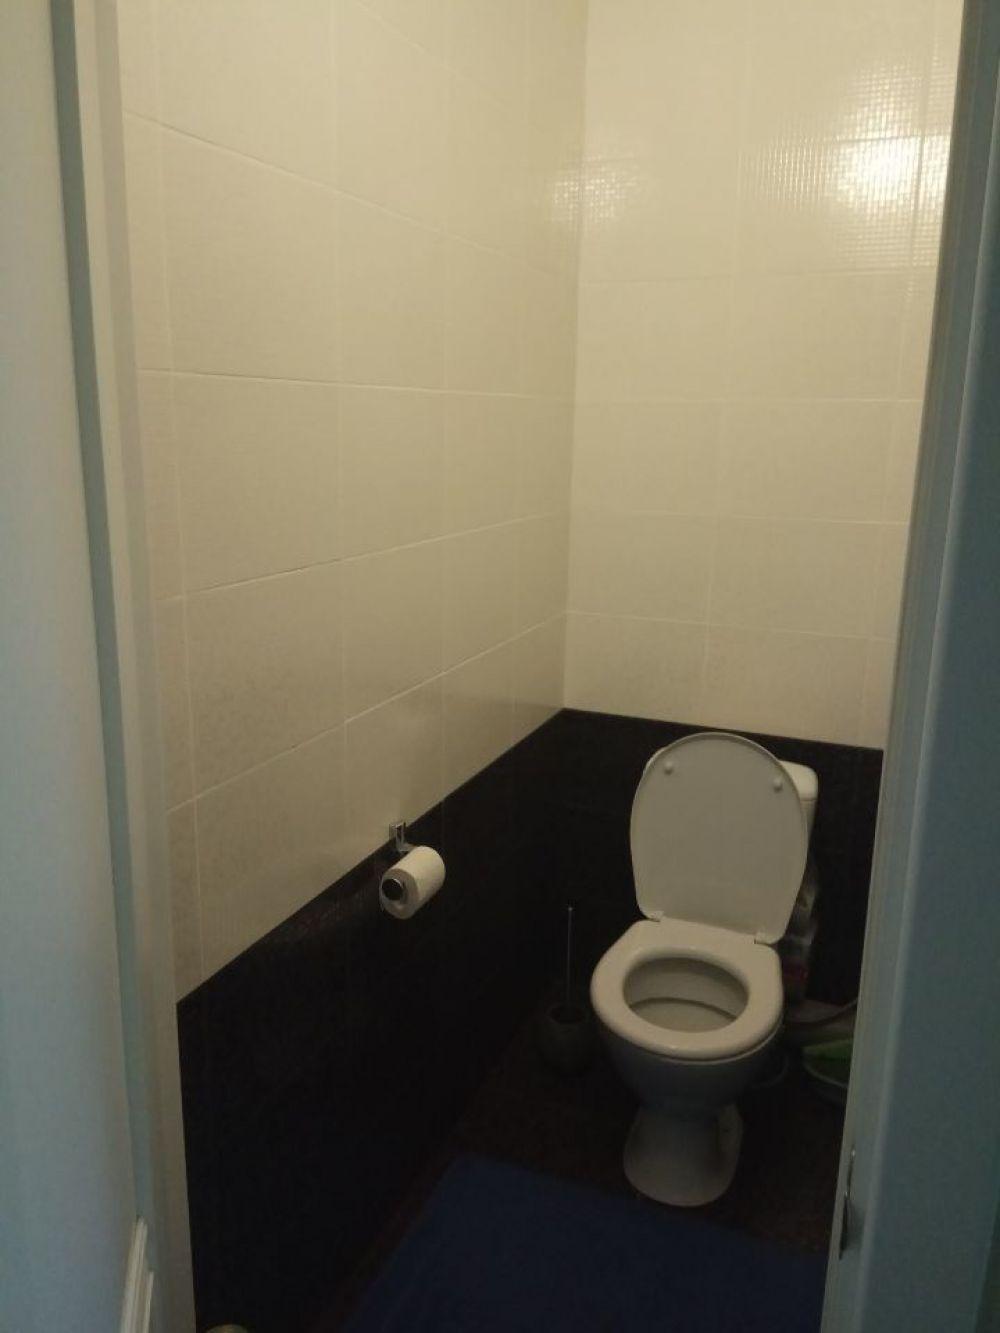 Двухкомнатная квартира, 53 м2, Богородский д.1, г. Щелково, фото 6